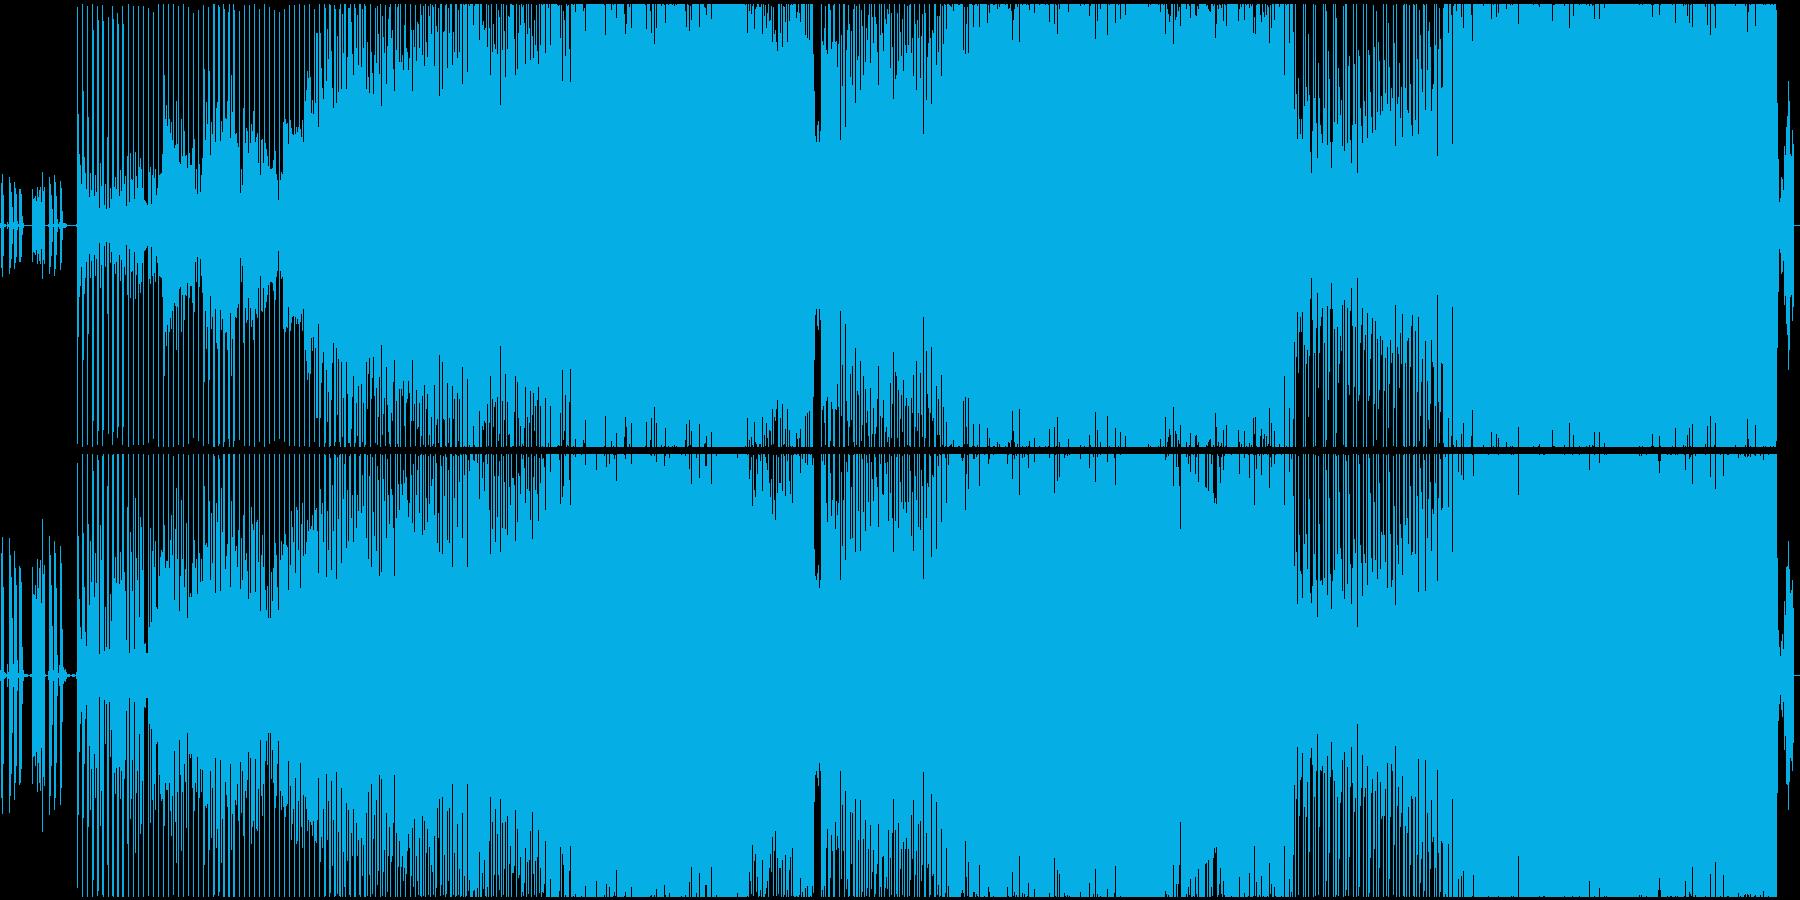 生演奏・ミドルテンポの暗い雰囲気のロックの再生済みの波形